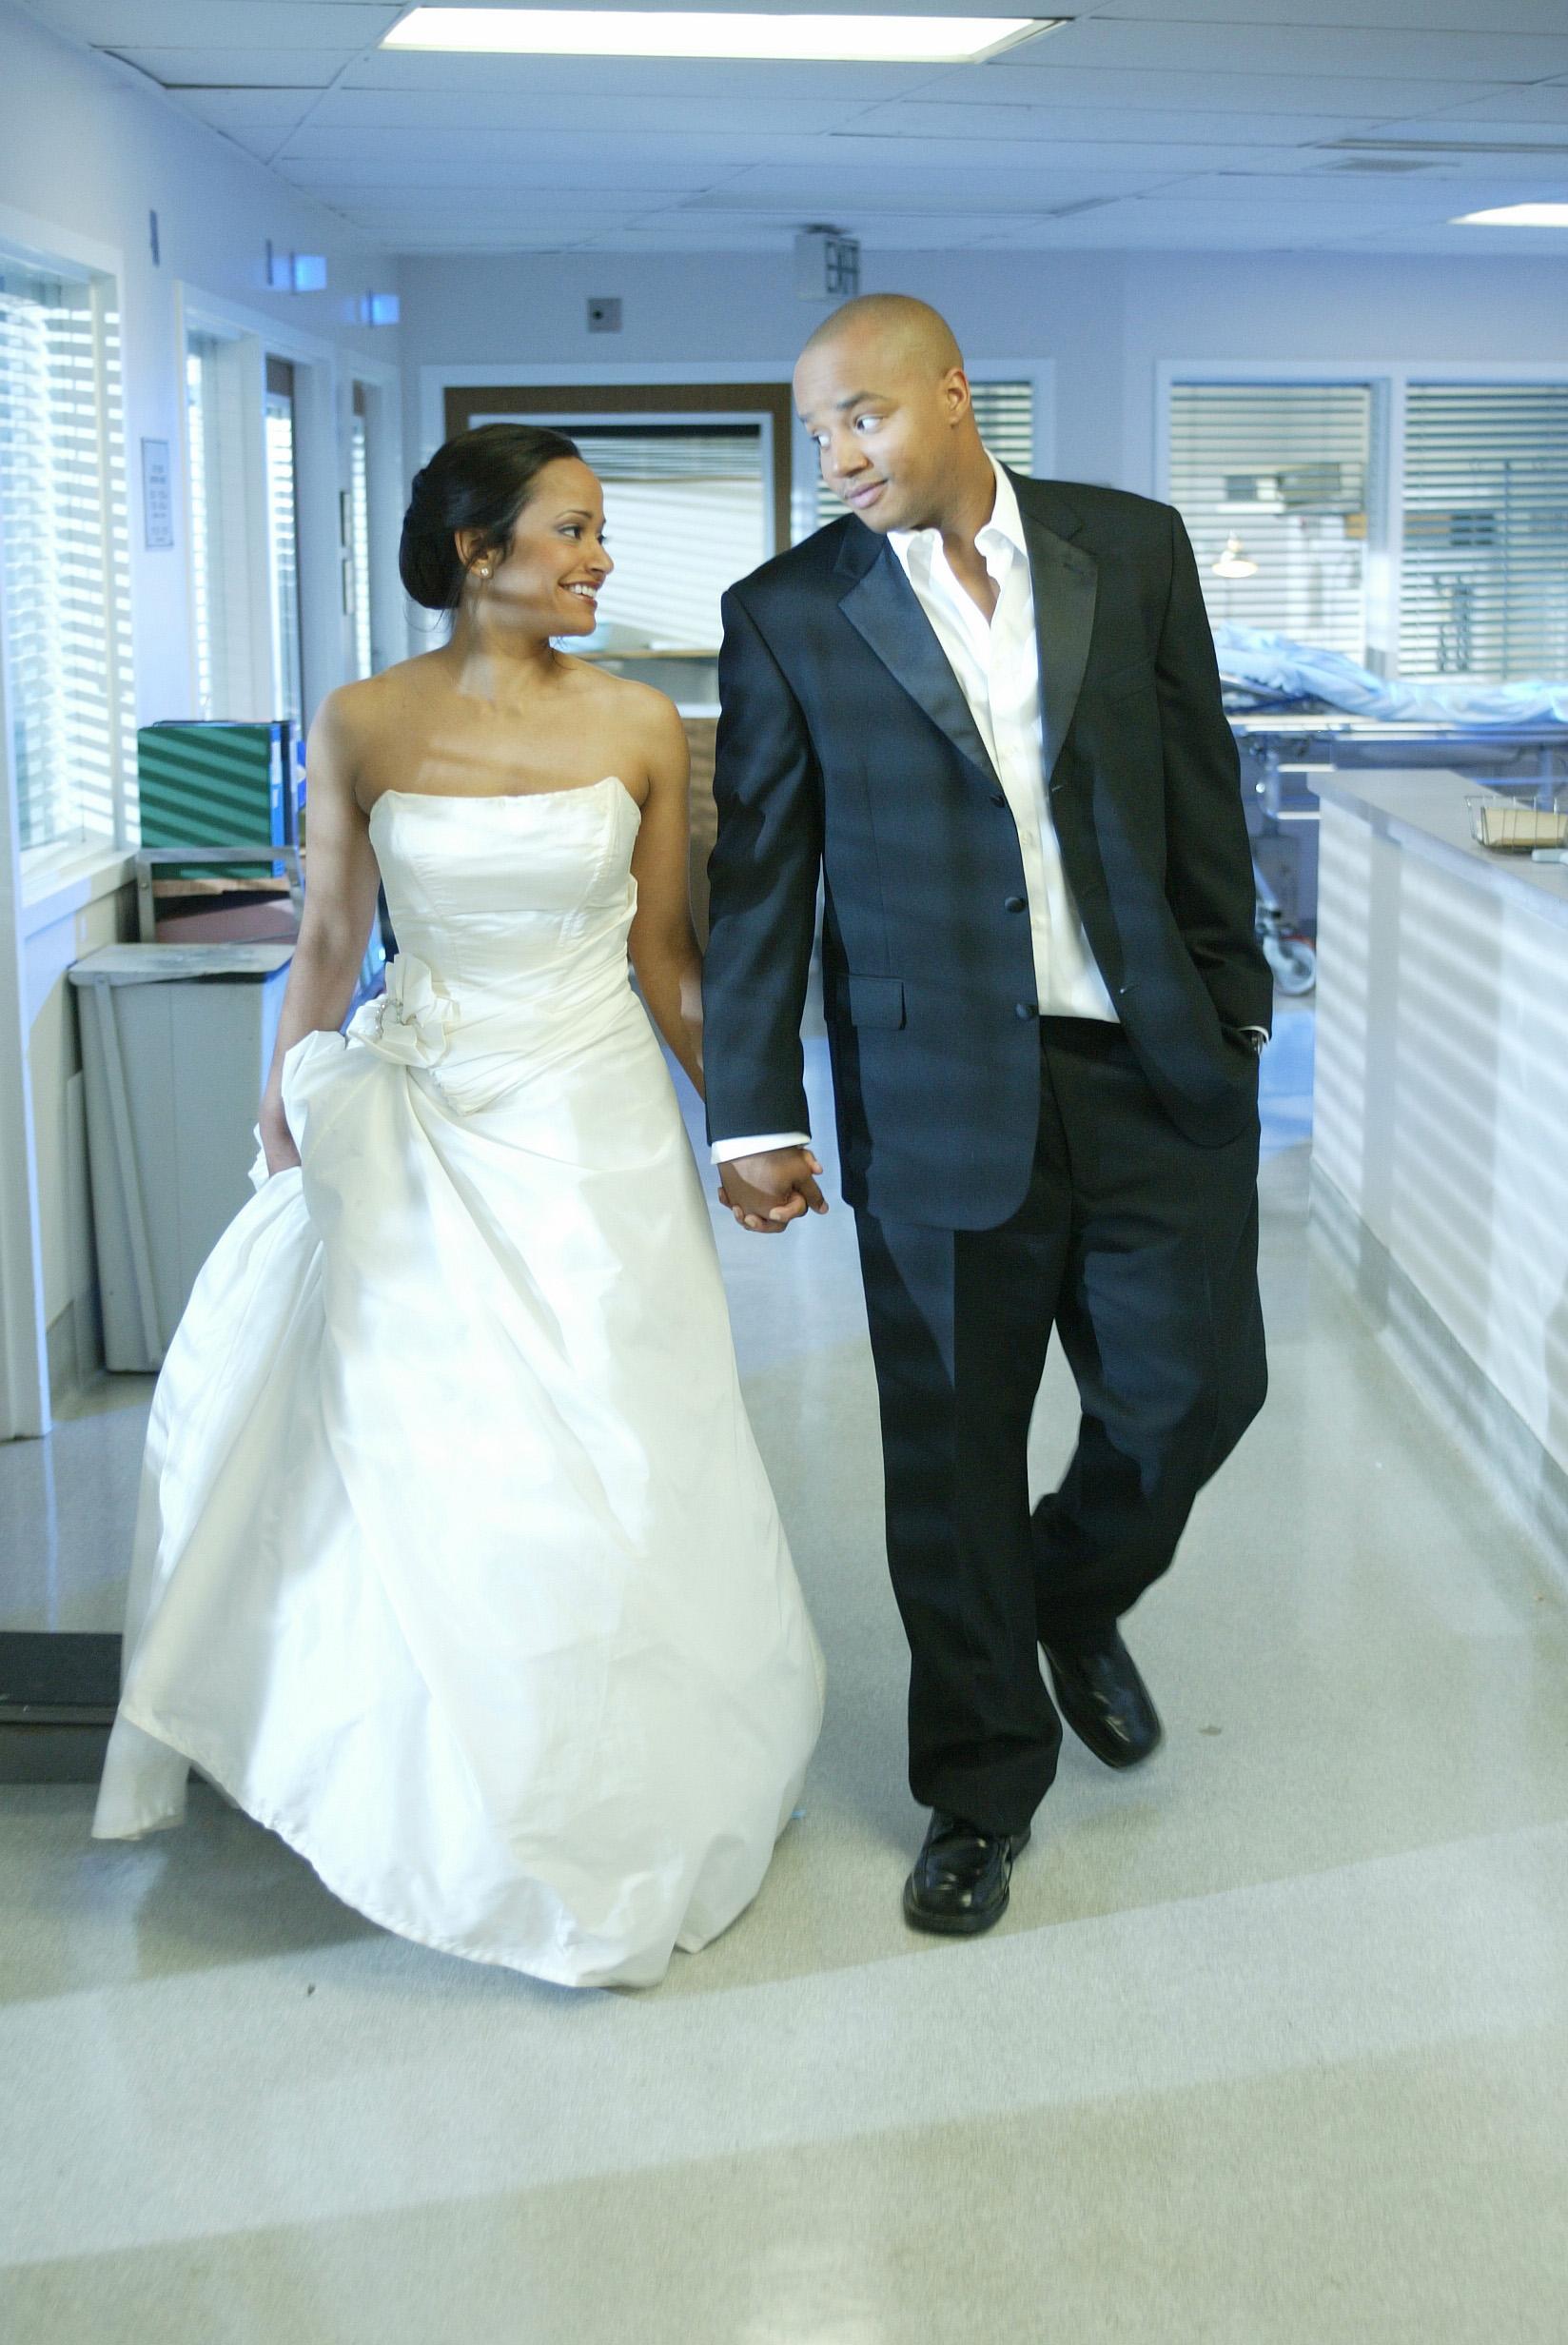 My Best Friend\'s Wedding | Scrubs Wiki | FANDOM powered by Wikia